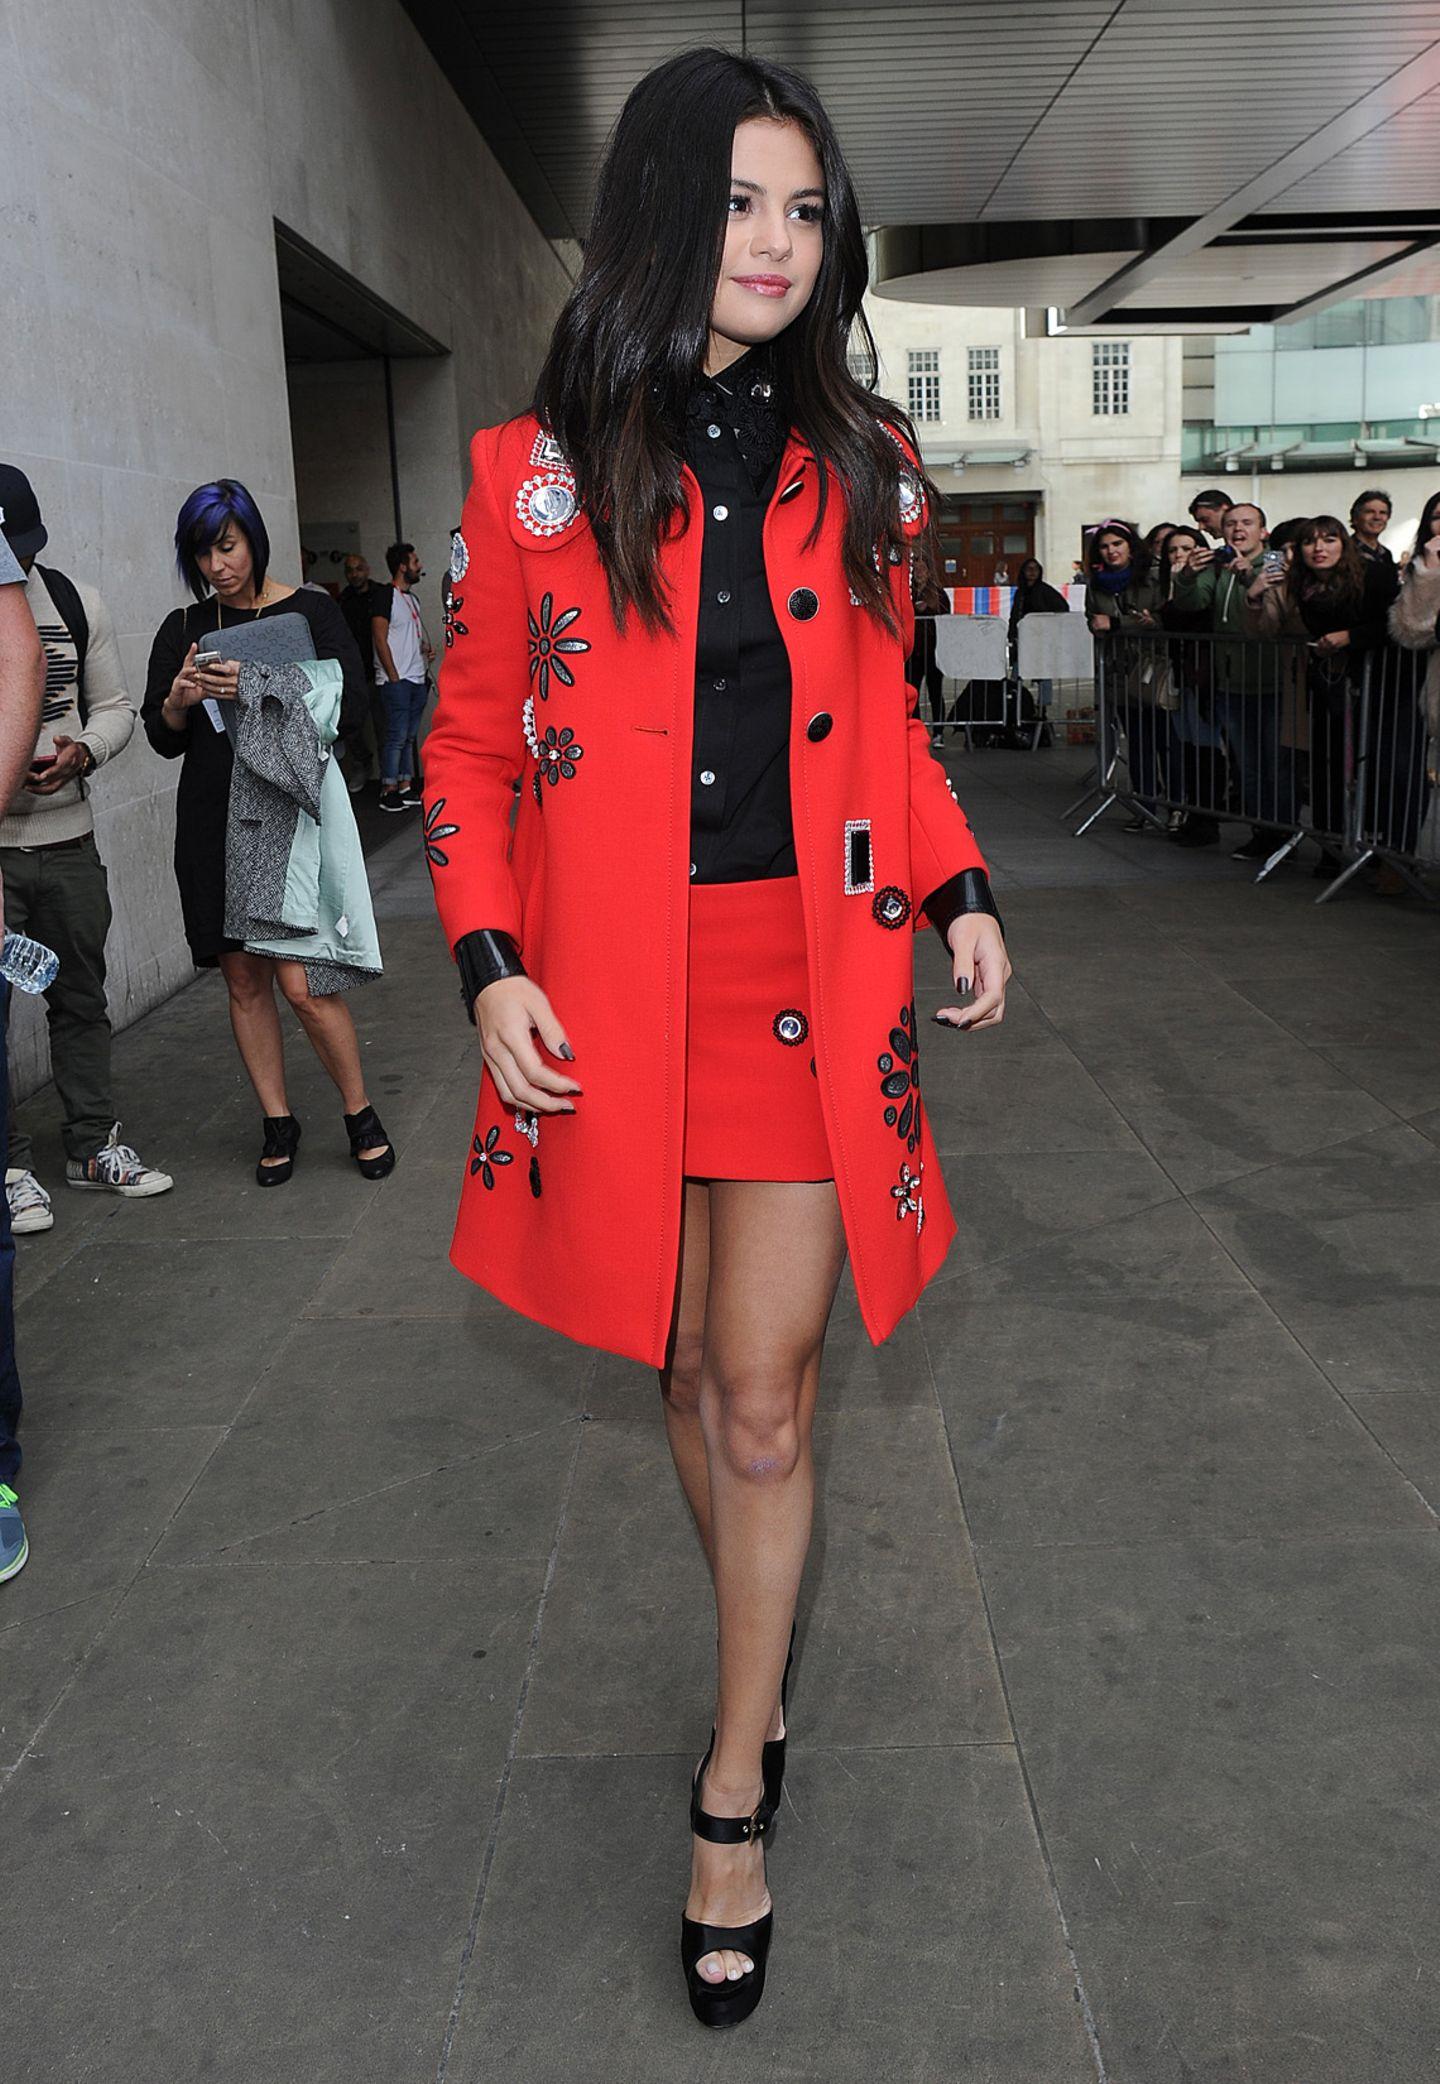 Selena Gomez und ihr knallroter Traummantel von Marc Jacobs mit großen Stickereien sind zweifelsfrei ein toller Hingucker.